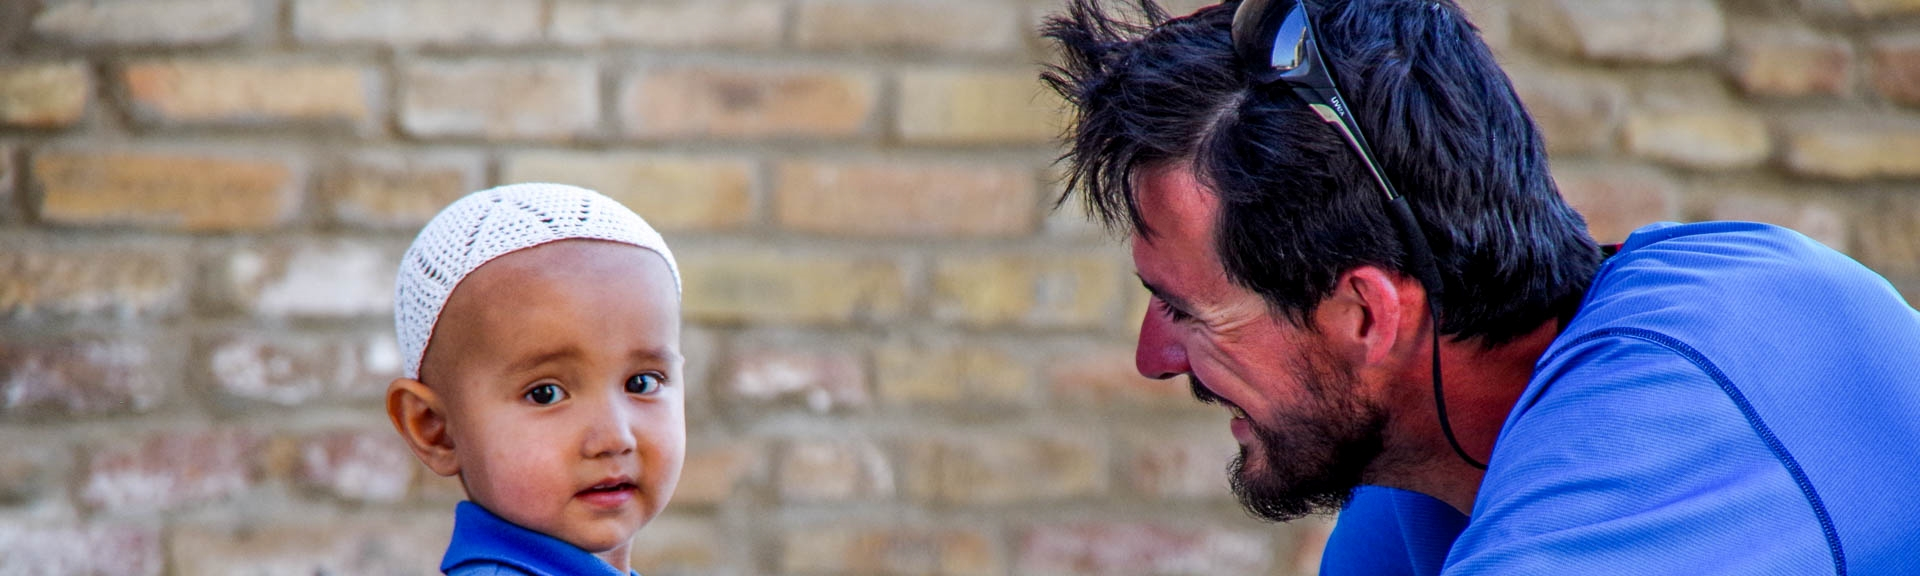 Eşeğini kaybeden bisikletçi; Şehri Sebz